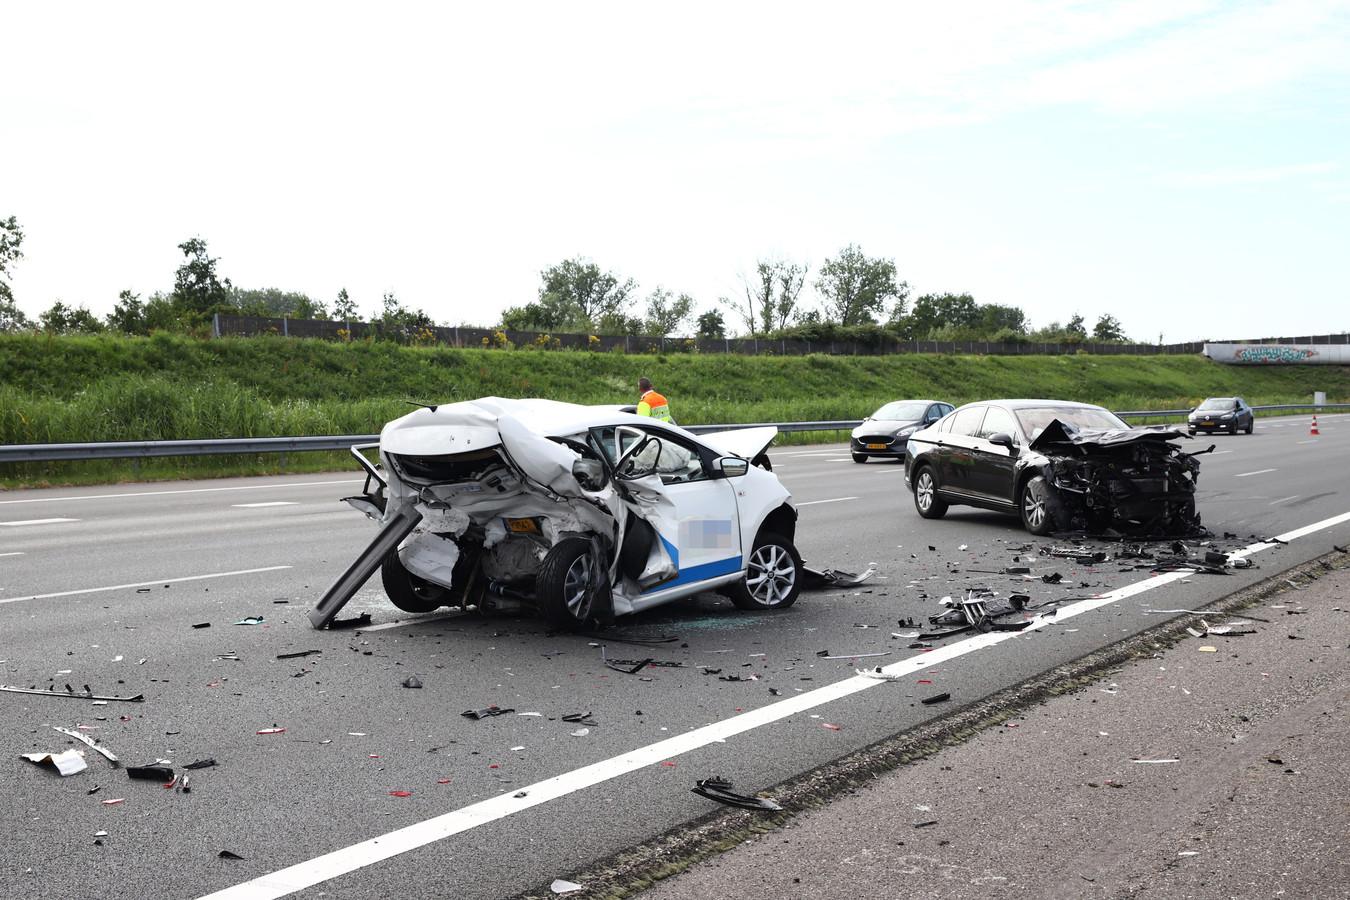 De plek van het dodelijk ongeluk op de A2 bij Beesd in juli 2019, waarbij een Osse vrouw het leven liet.